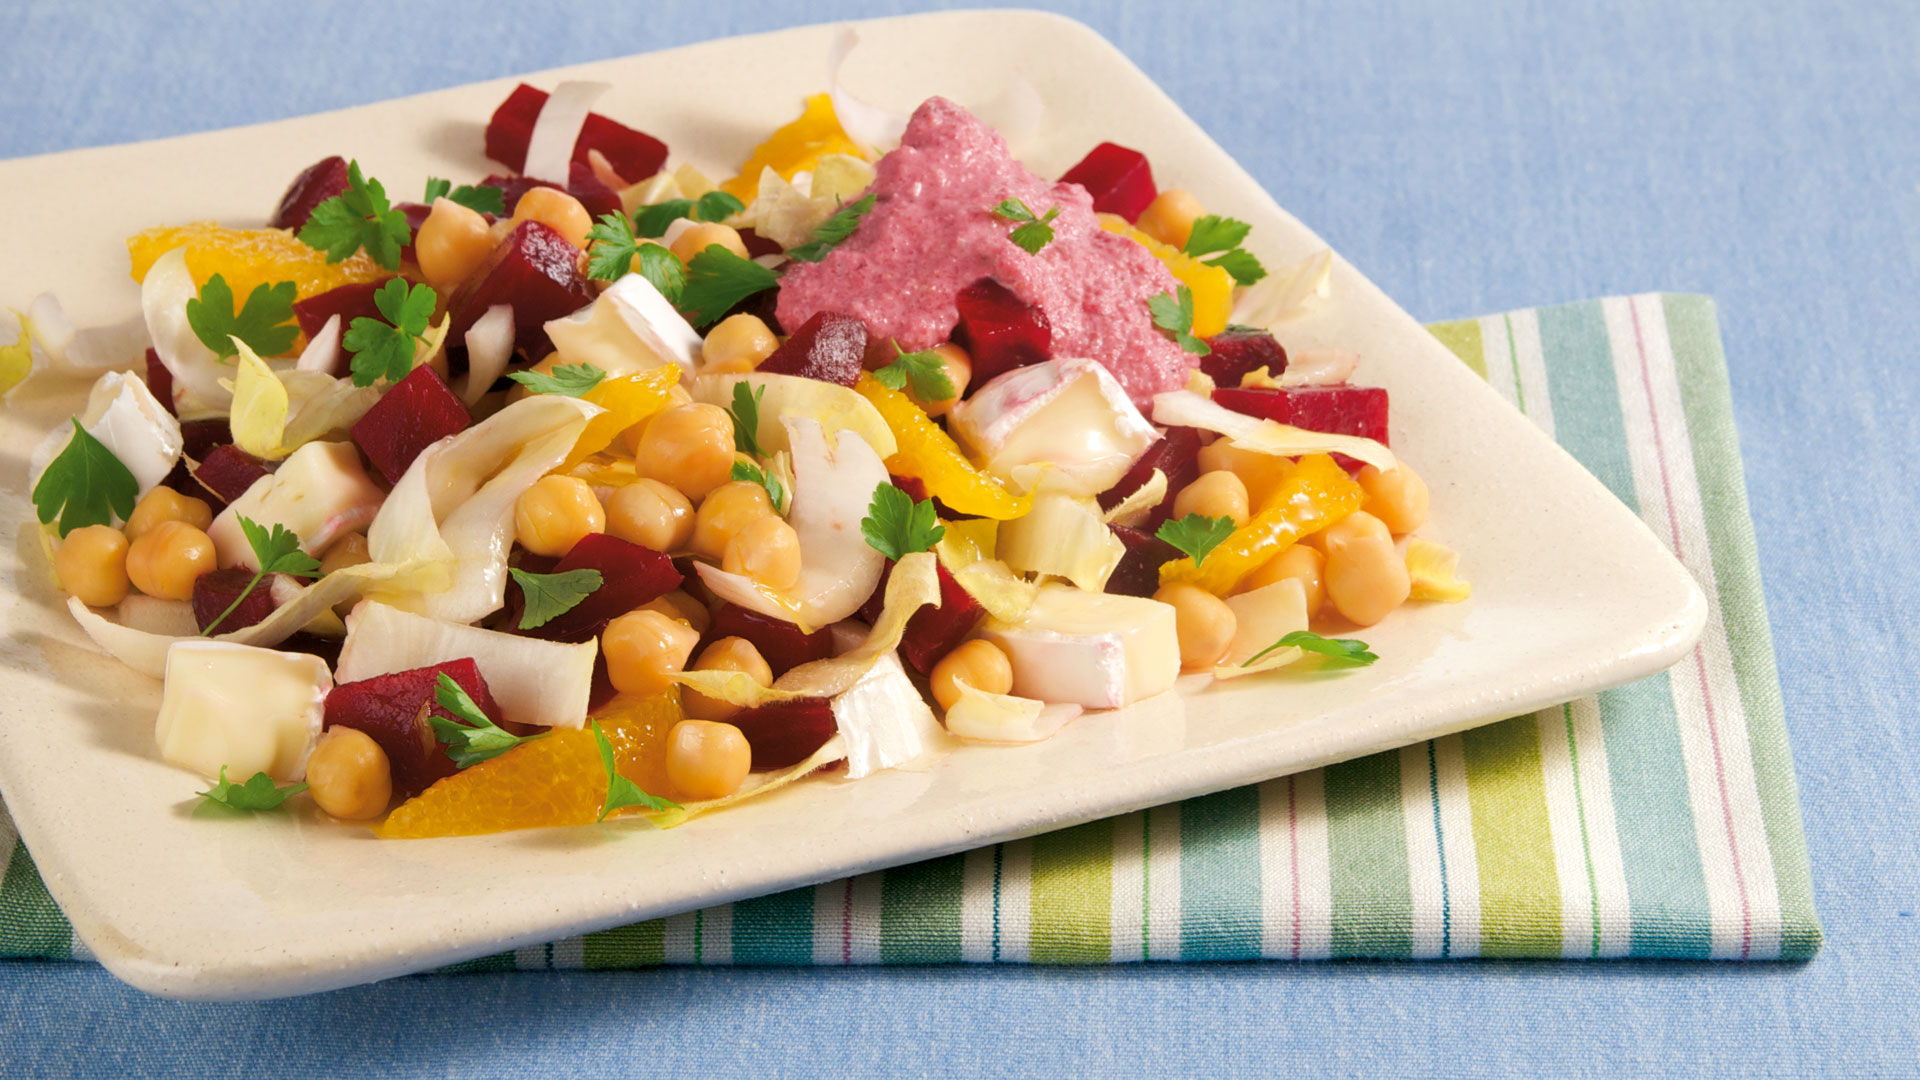 Chicoree Salat Mit Kichererbsen Und Rote Bete Dressing Rezept Tegut